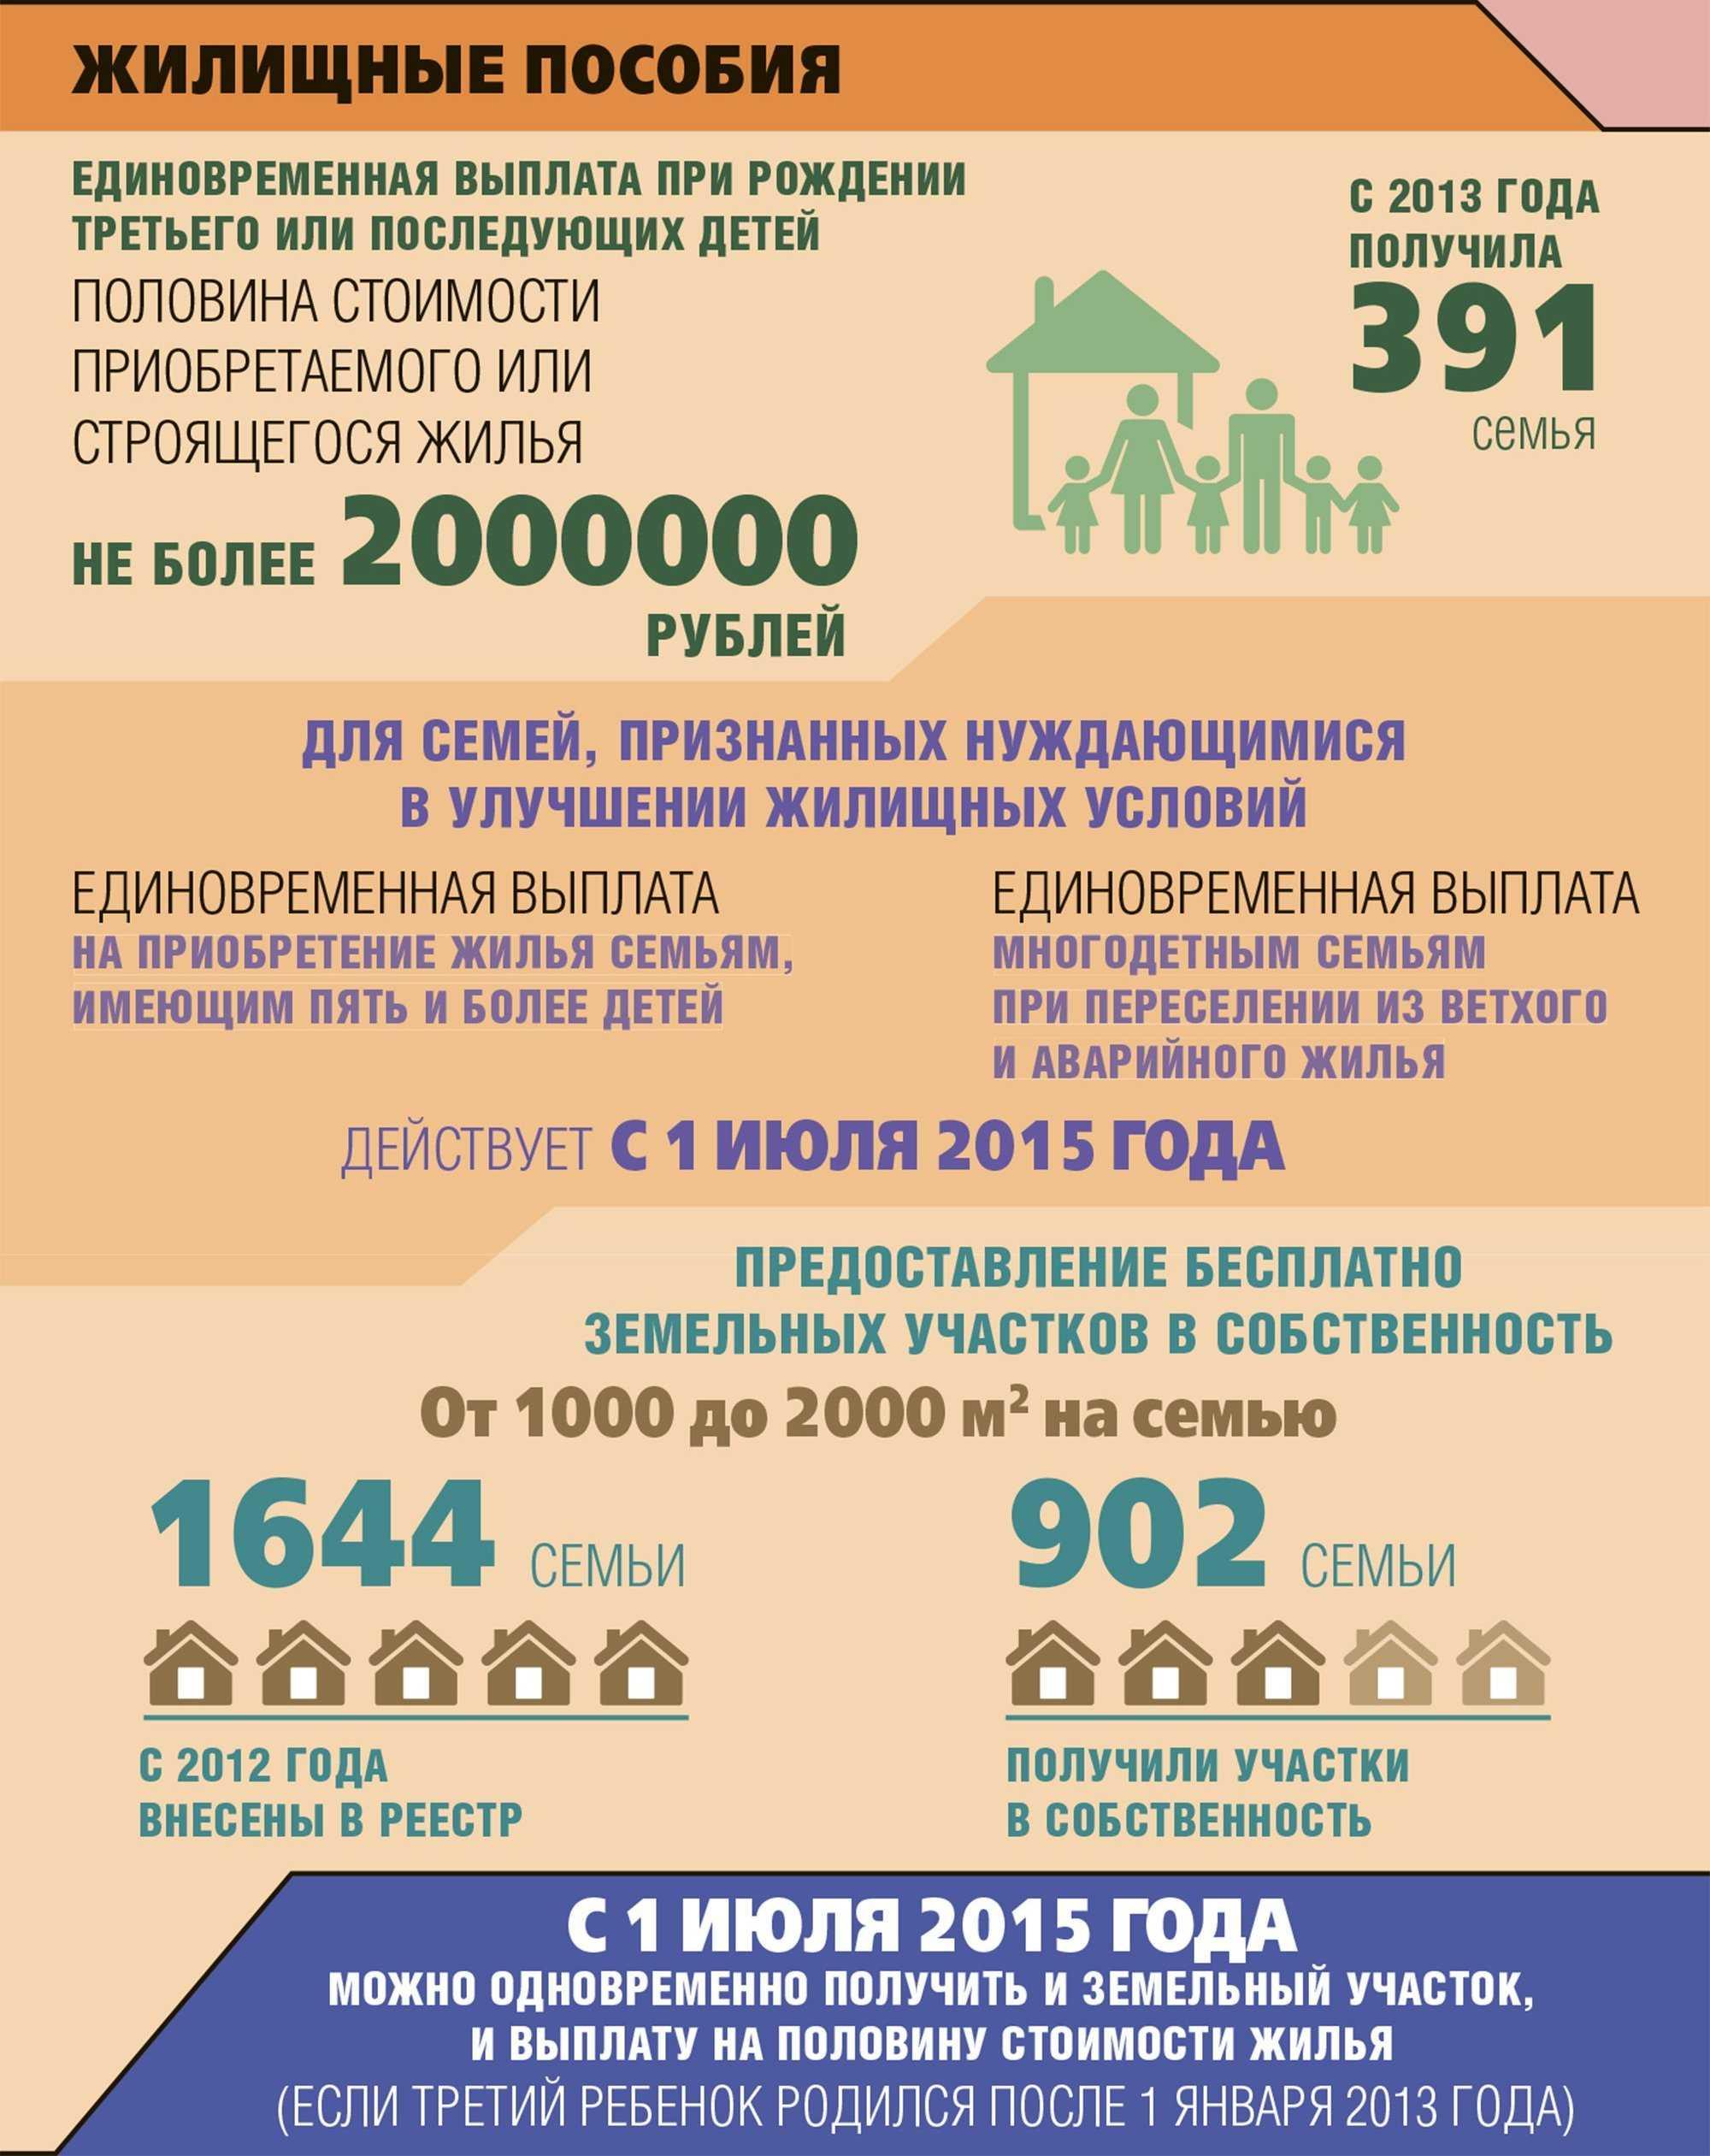 Социальная помощь семьям в россии